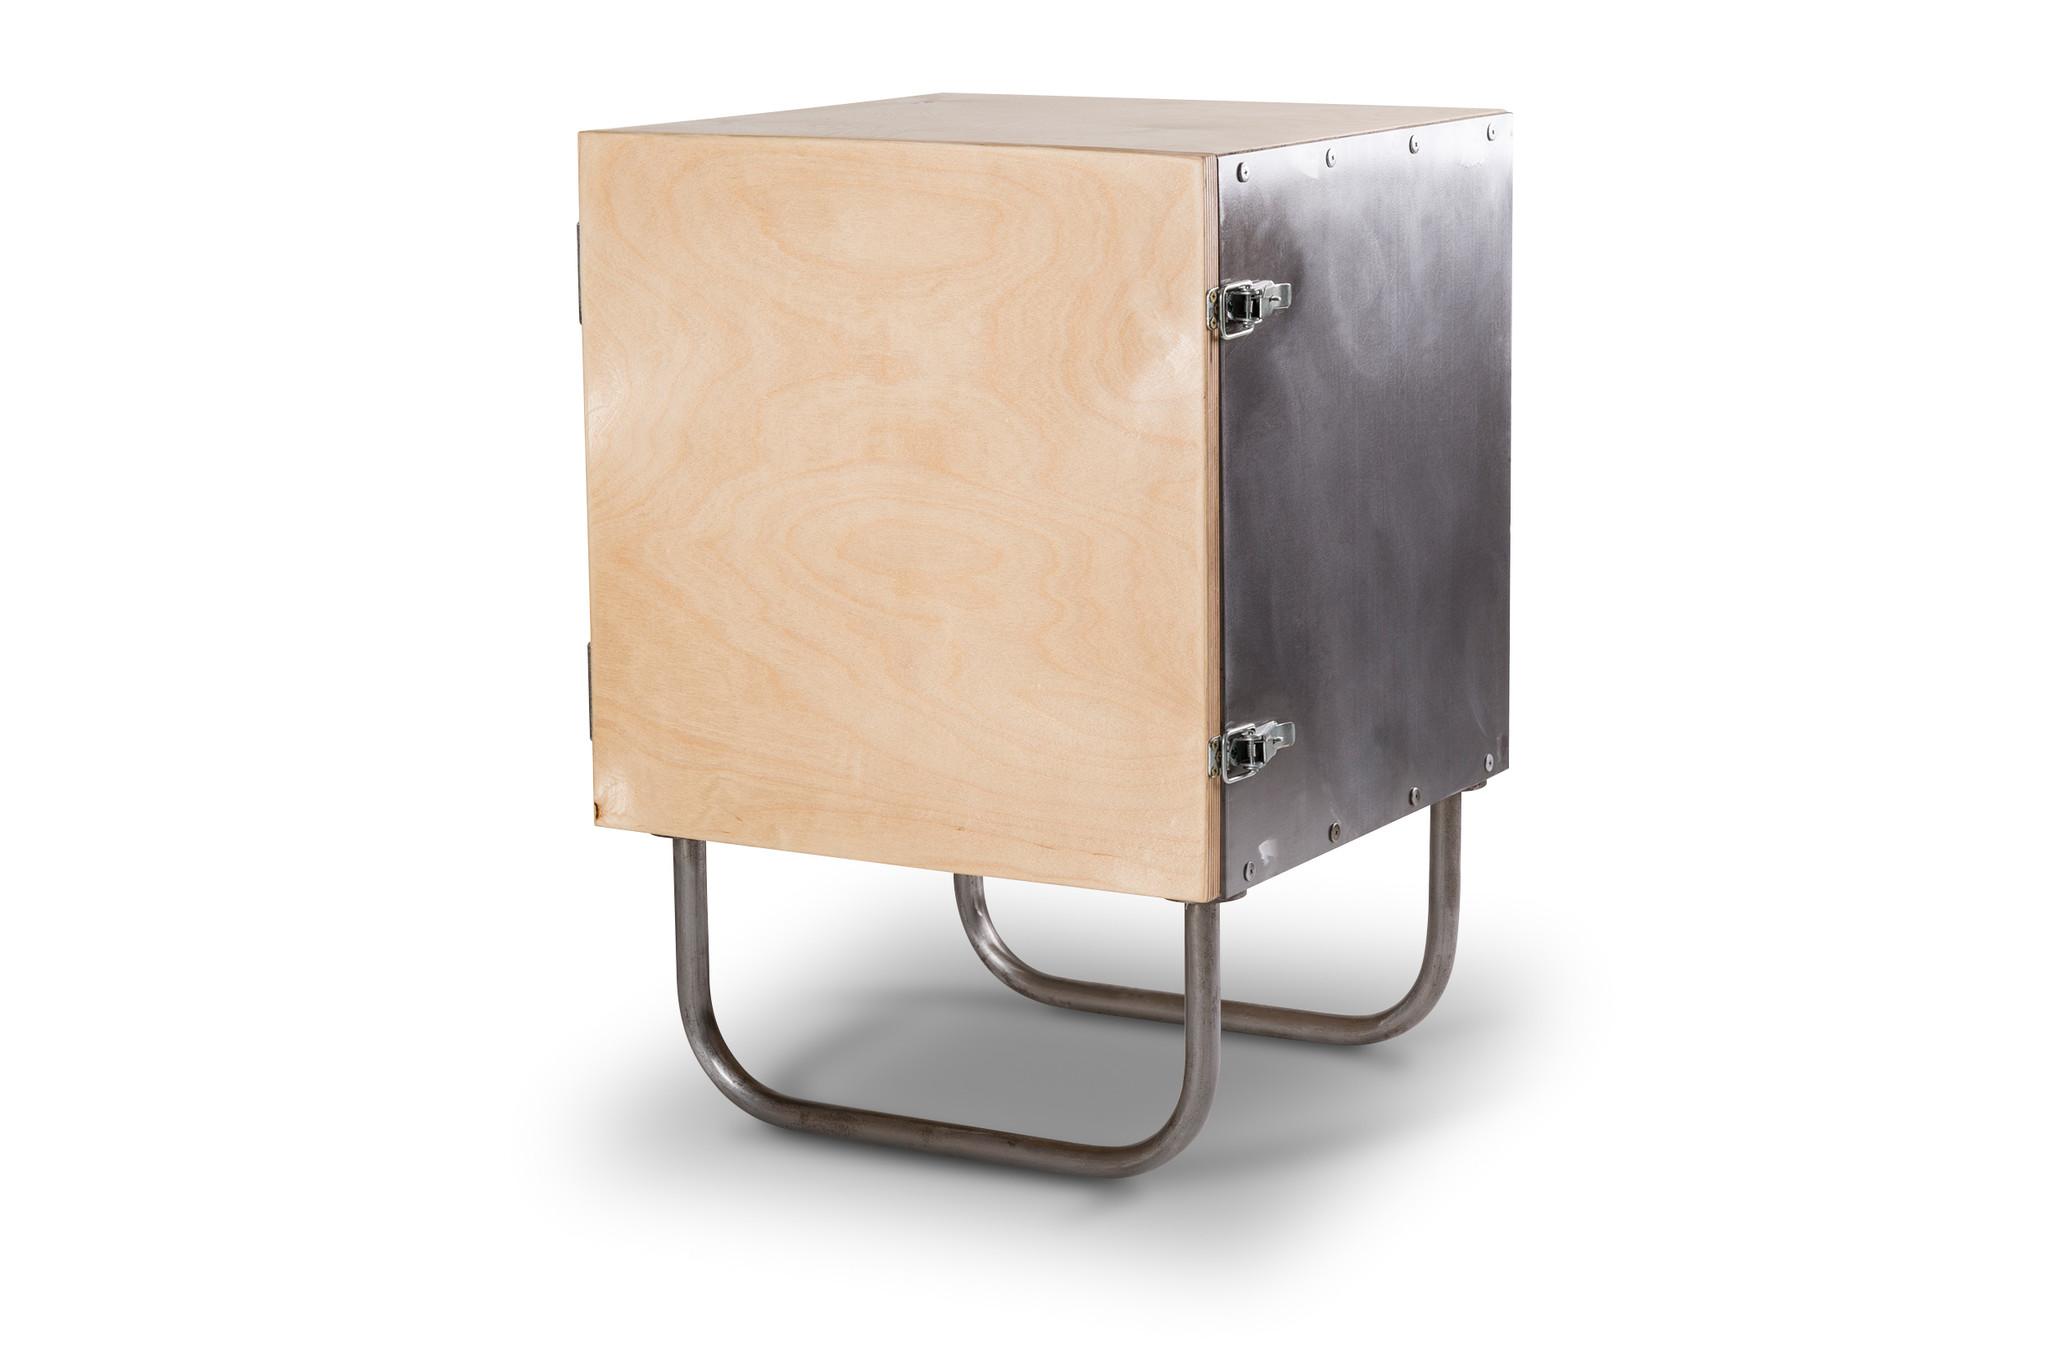 Прикроватная тумба SteelboxПрикроватные тумбы<br>Прикроватная тумба &amp;quot;Steelbox&amp;quot; лаконична и функциональна. Собранная вручную из натуральных материалов, она прекрасно впишется в интерьер в стиле ЛОФТ или скандинавский эко-стиль.&amp;amp;nbsp;&amp;lt;div&amp;gt;&amp;lt;br&amp;gt;&amp;lt;/div&amp;gt;&amp;lt;div&amp;gt;Корпус выполнен из металла, фасад - из березовой фанеры.&amp;amp;nbsp;&amp;lt;/div&amp;gt;&amp;lt;div&amp;gt;Цветовую гамму с легкостью можно изменить по заказу клиента.&amp;amp;nbsp;&amp;lt;/div&amp;gt;<br><br>Material: Металл<br>Ширина см: 40<br>Высота см: 58<br>Глубина см: 40